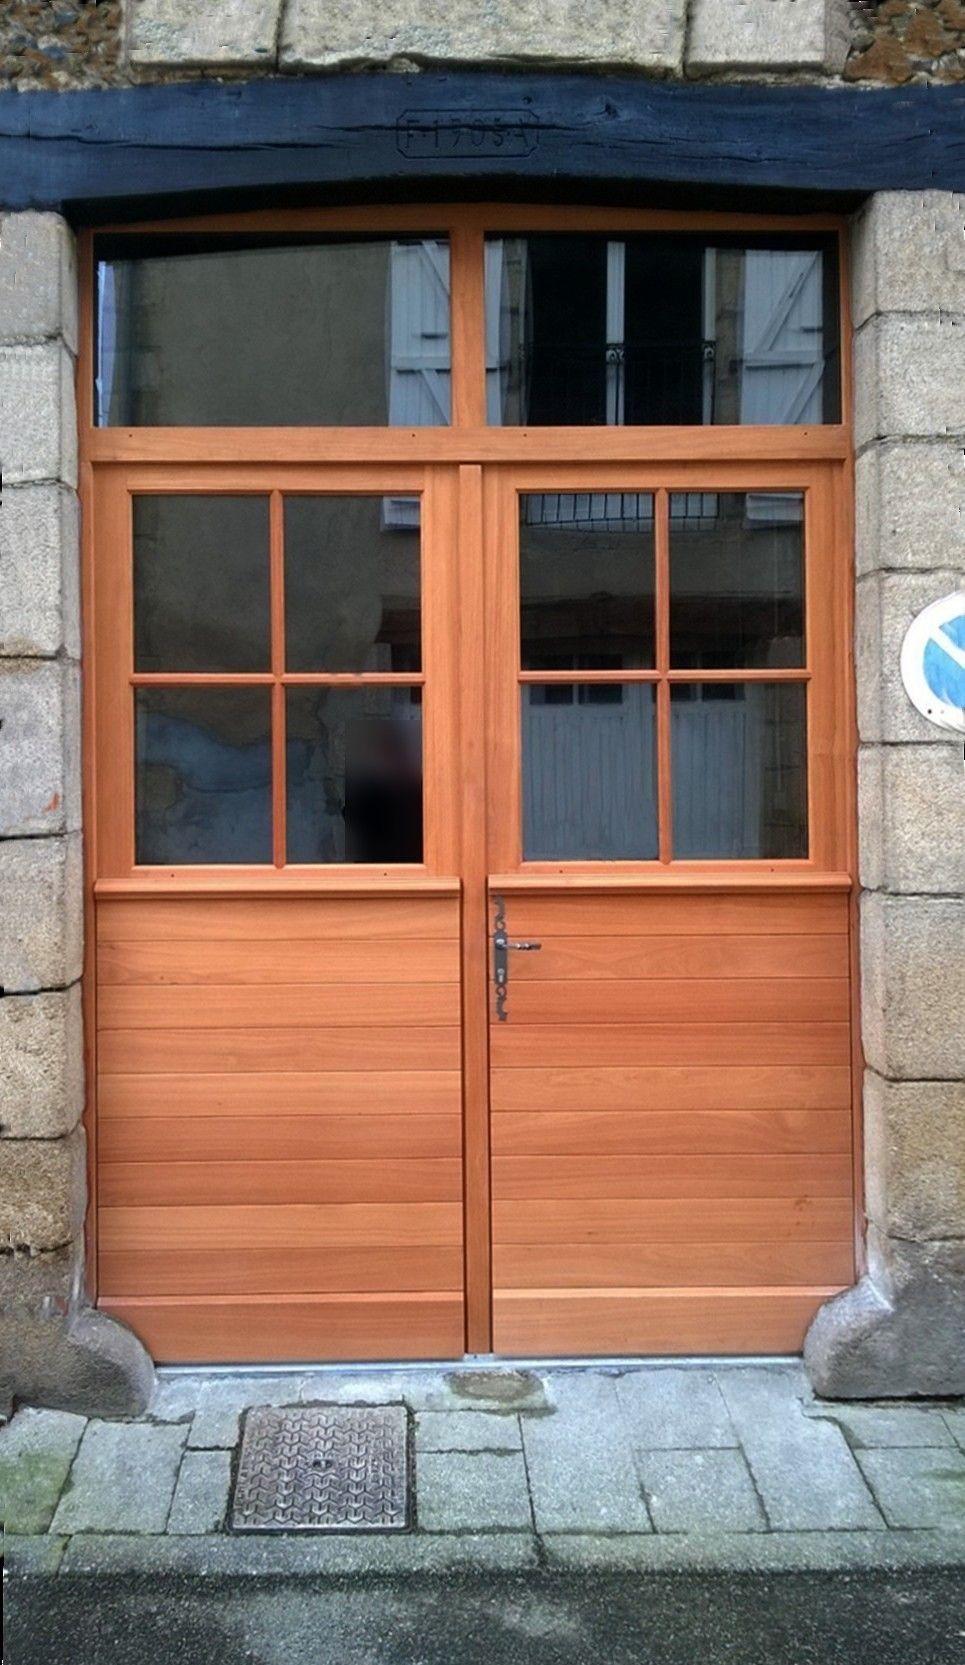 Porte d 39 entr e avec lames horizontales r guli res partie - Carreau porte vitree ...